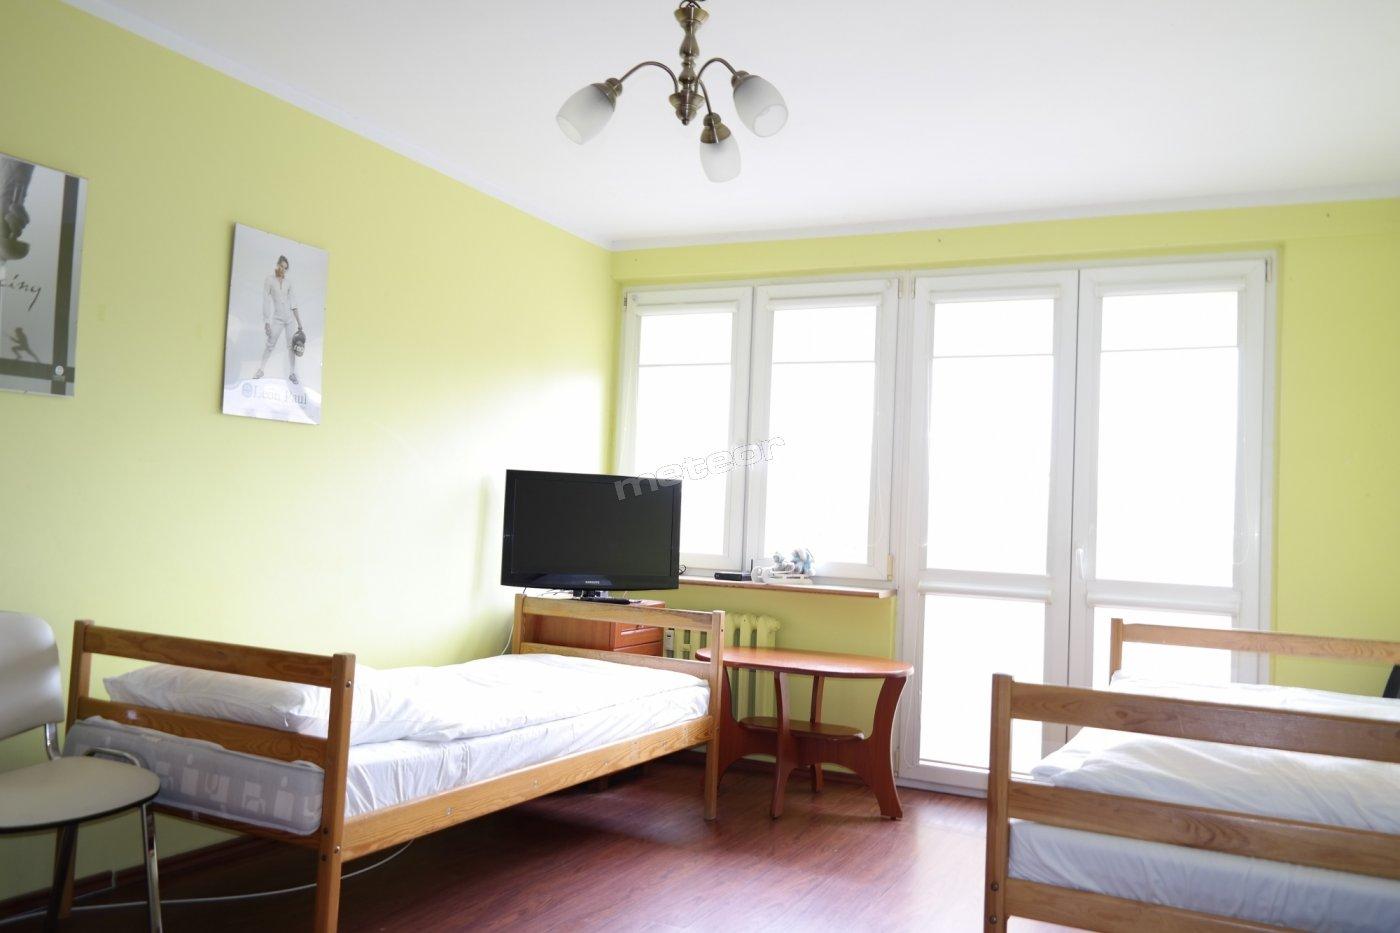 Mieszkanie 1 - ul. Ruska, pokój 3-osobowy